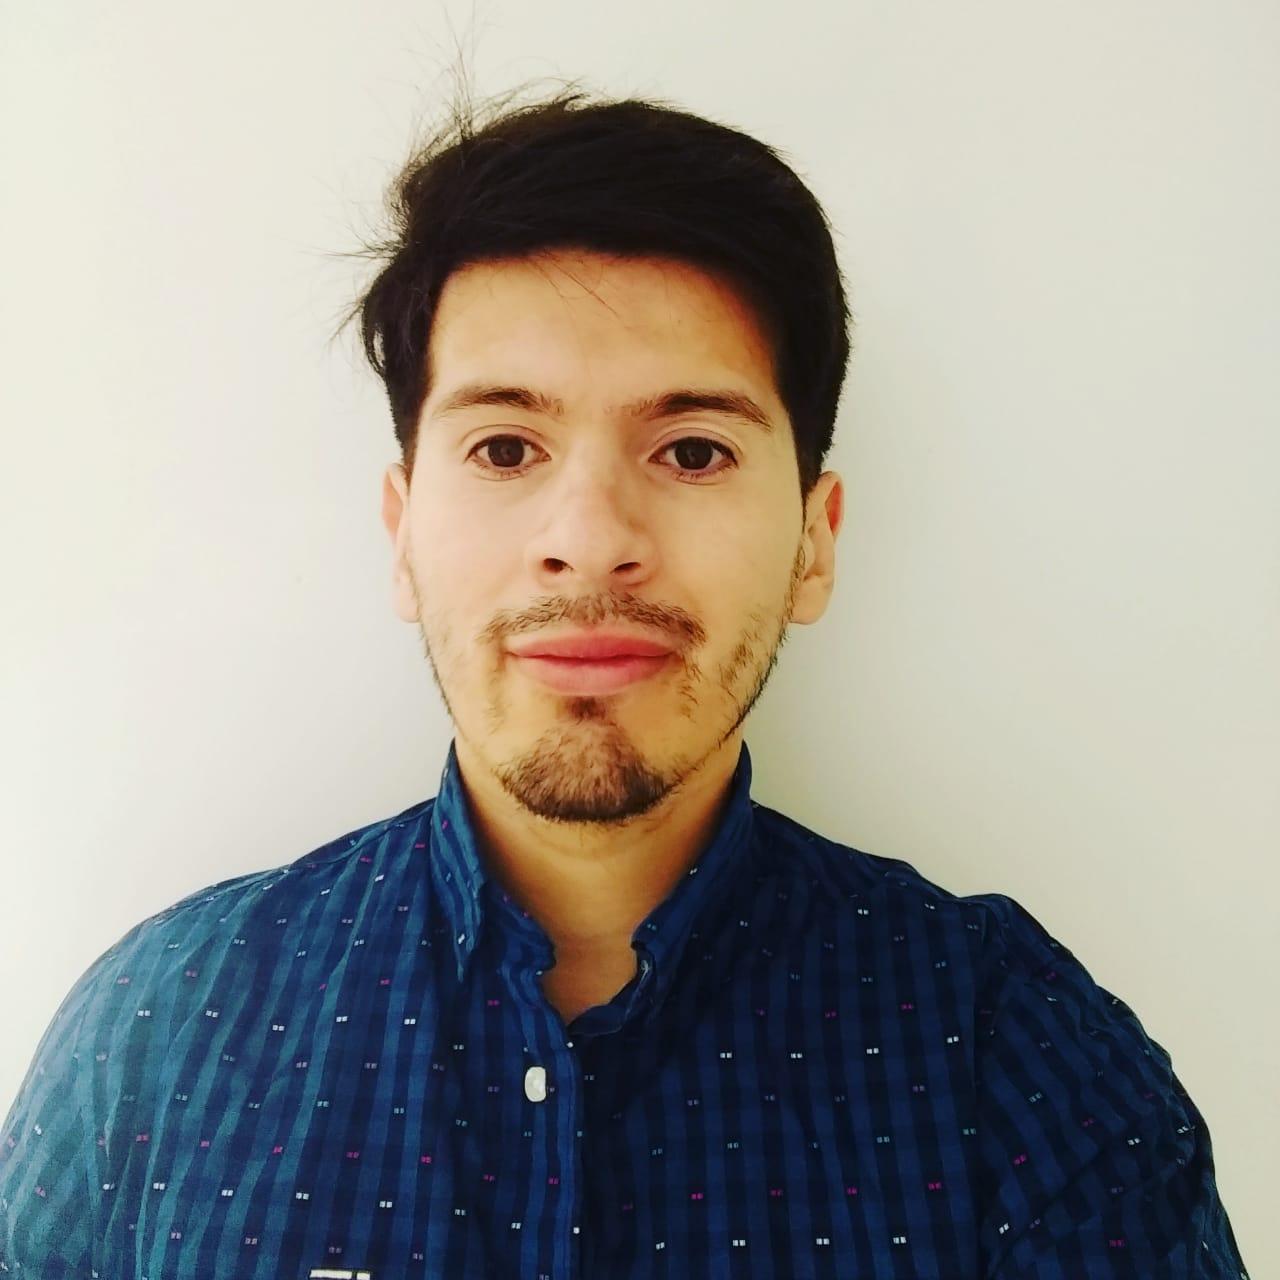 Presentamos a Ezequiel Guzman